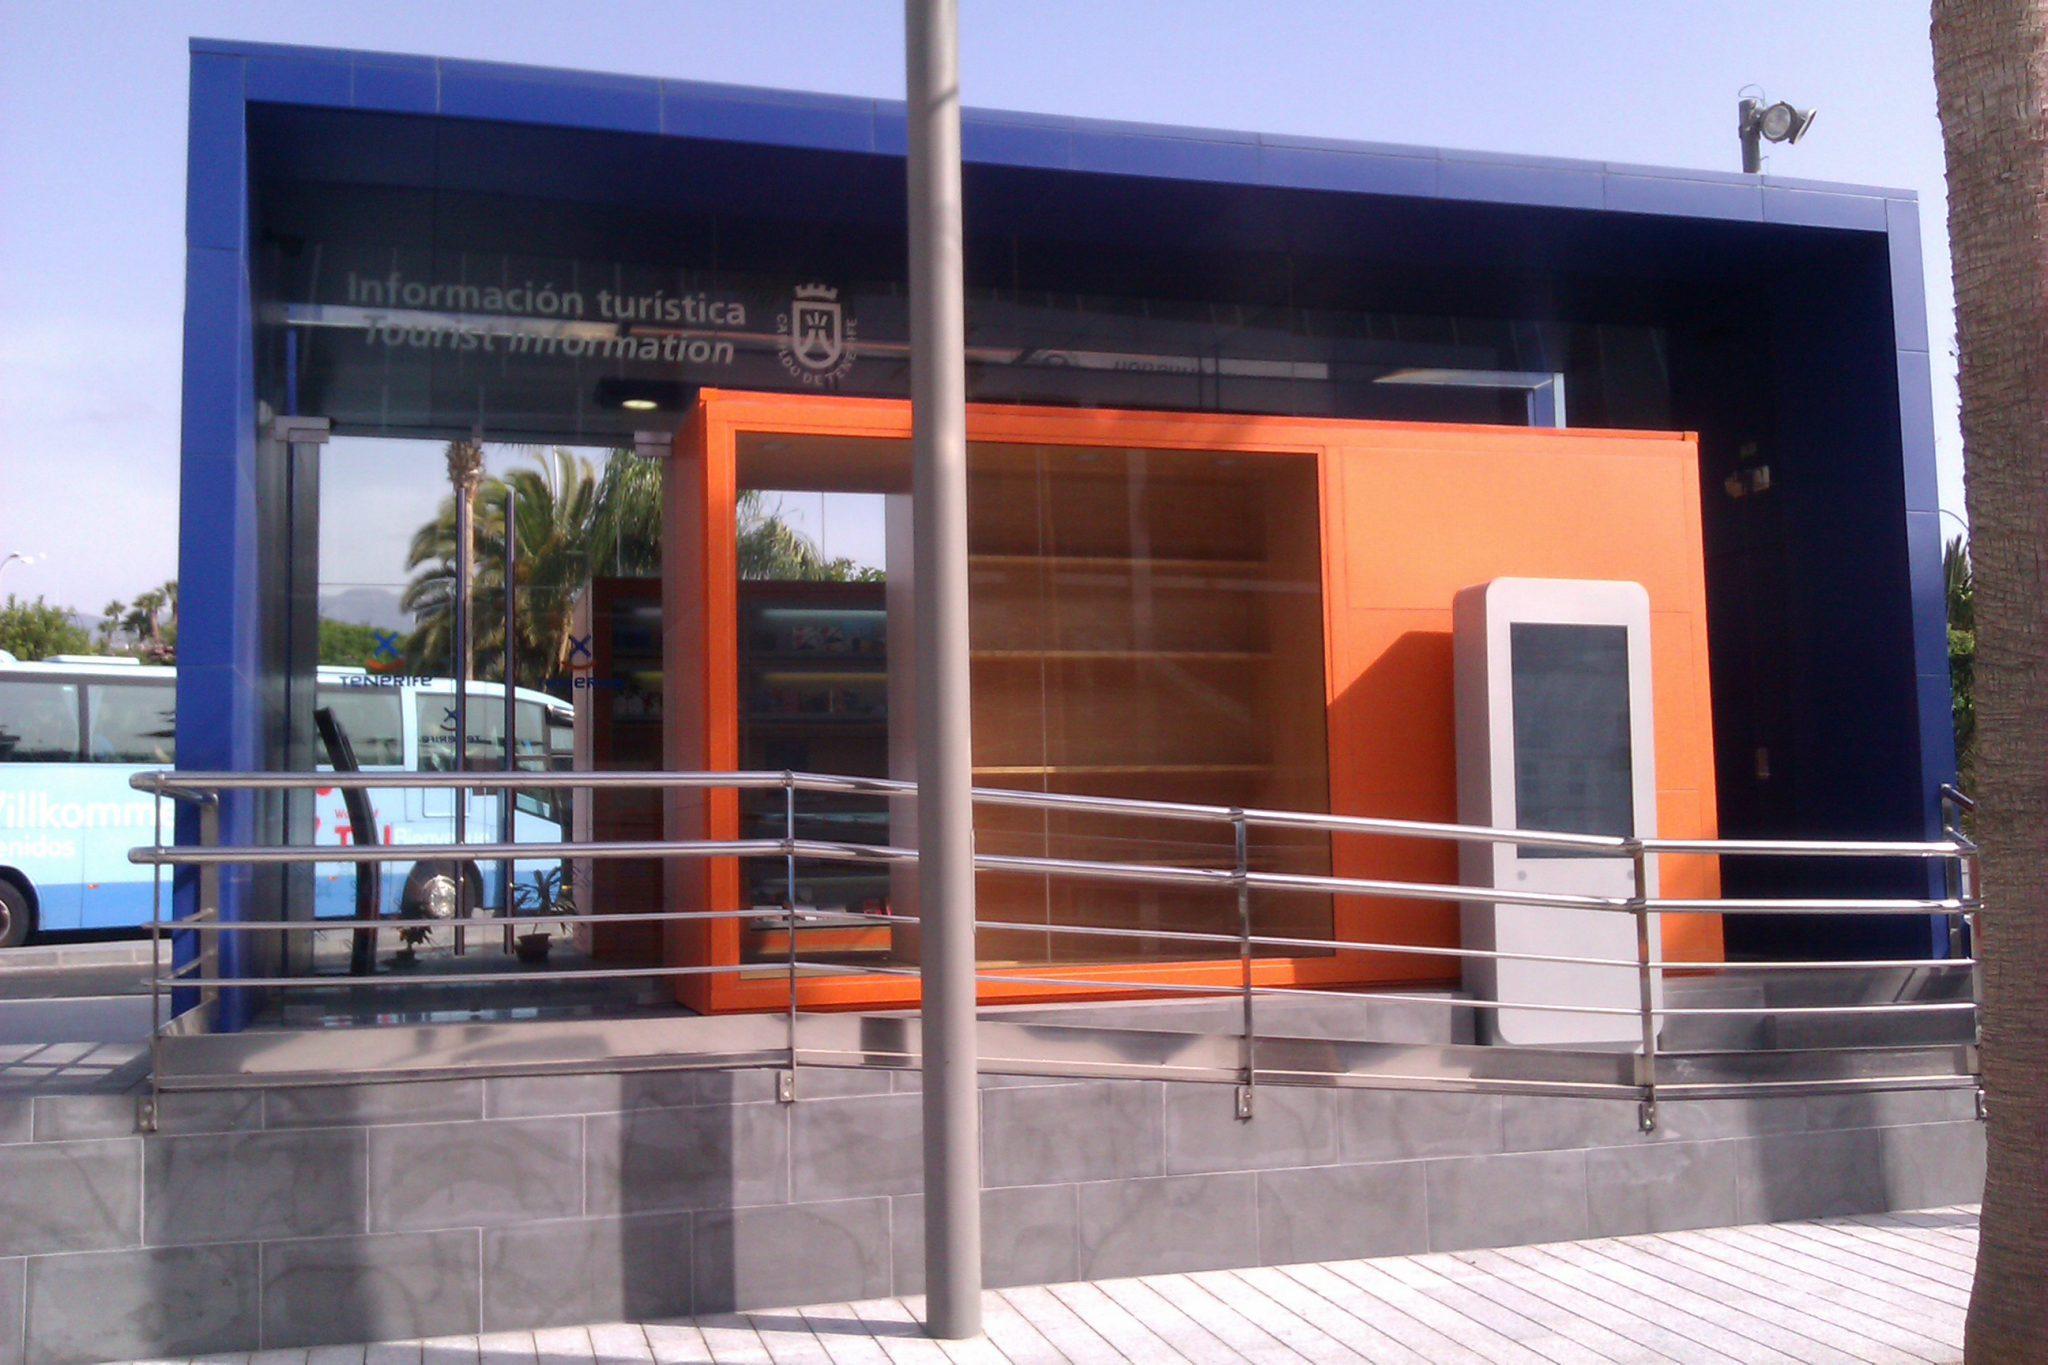 Las oficinas de informaci n tur stica superan el mill n de for Oficina de turismo de tenerife